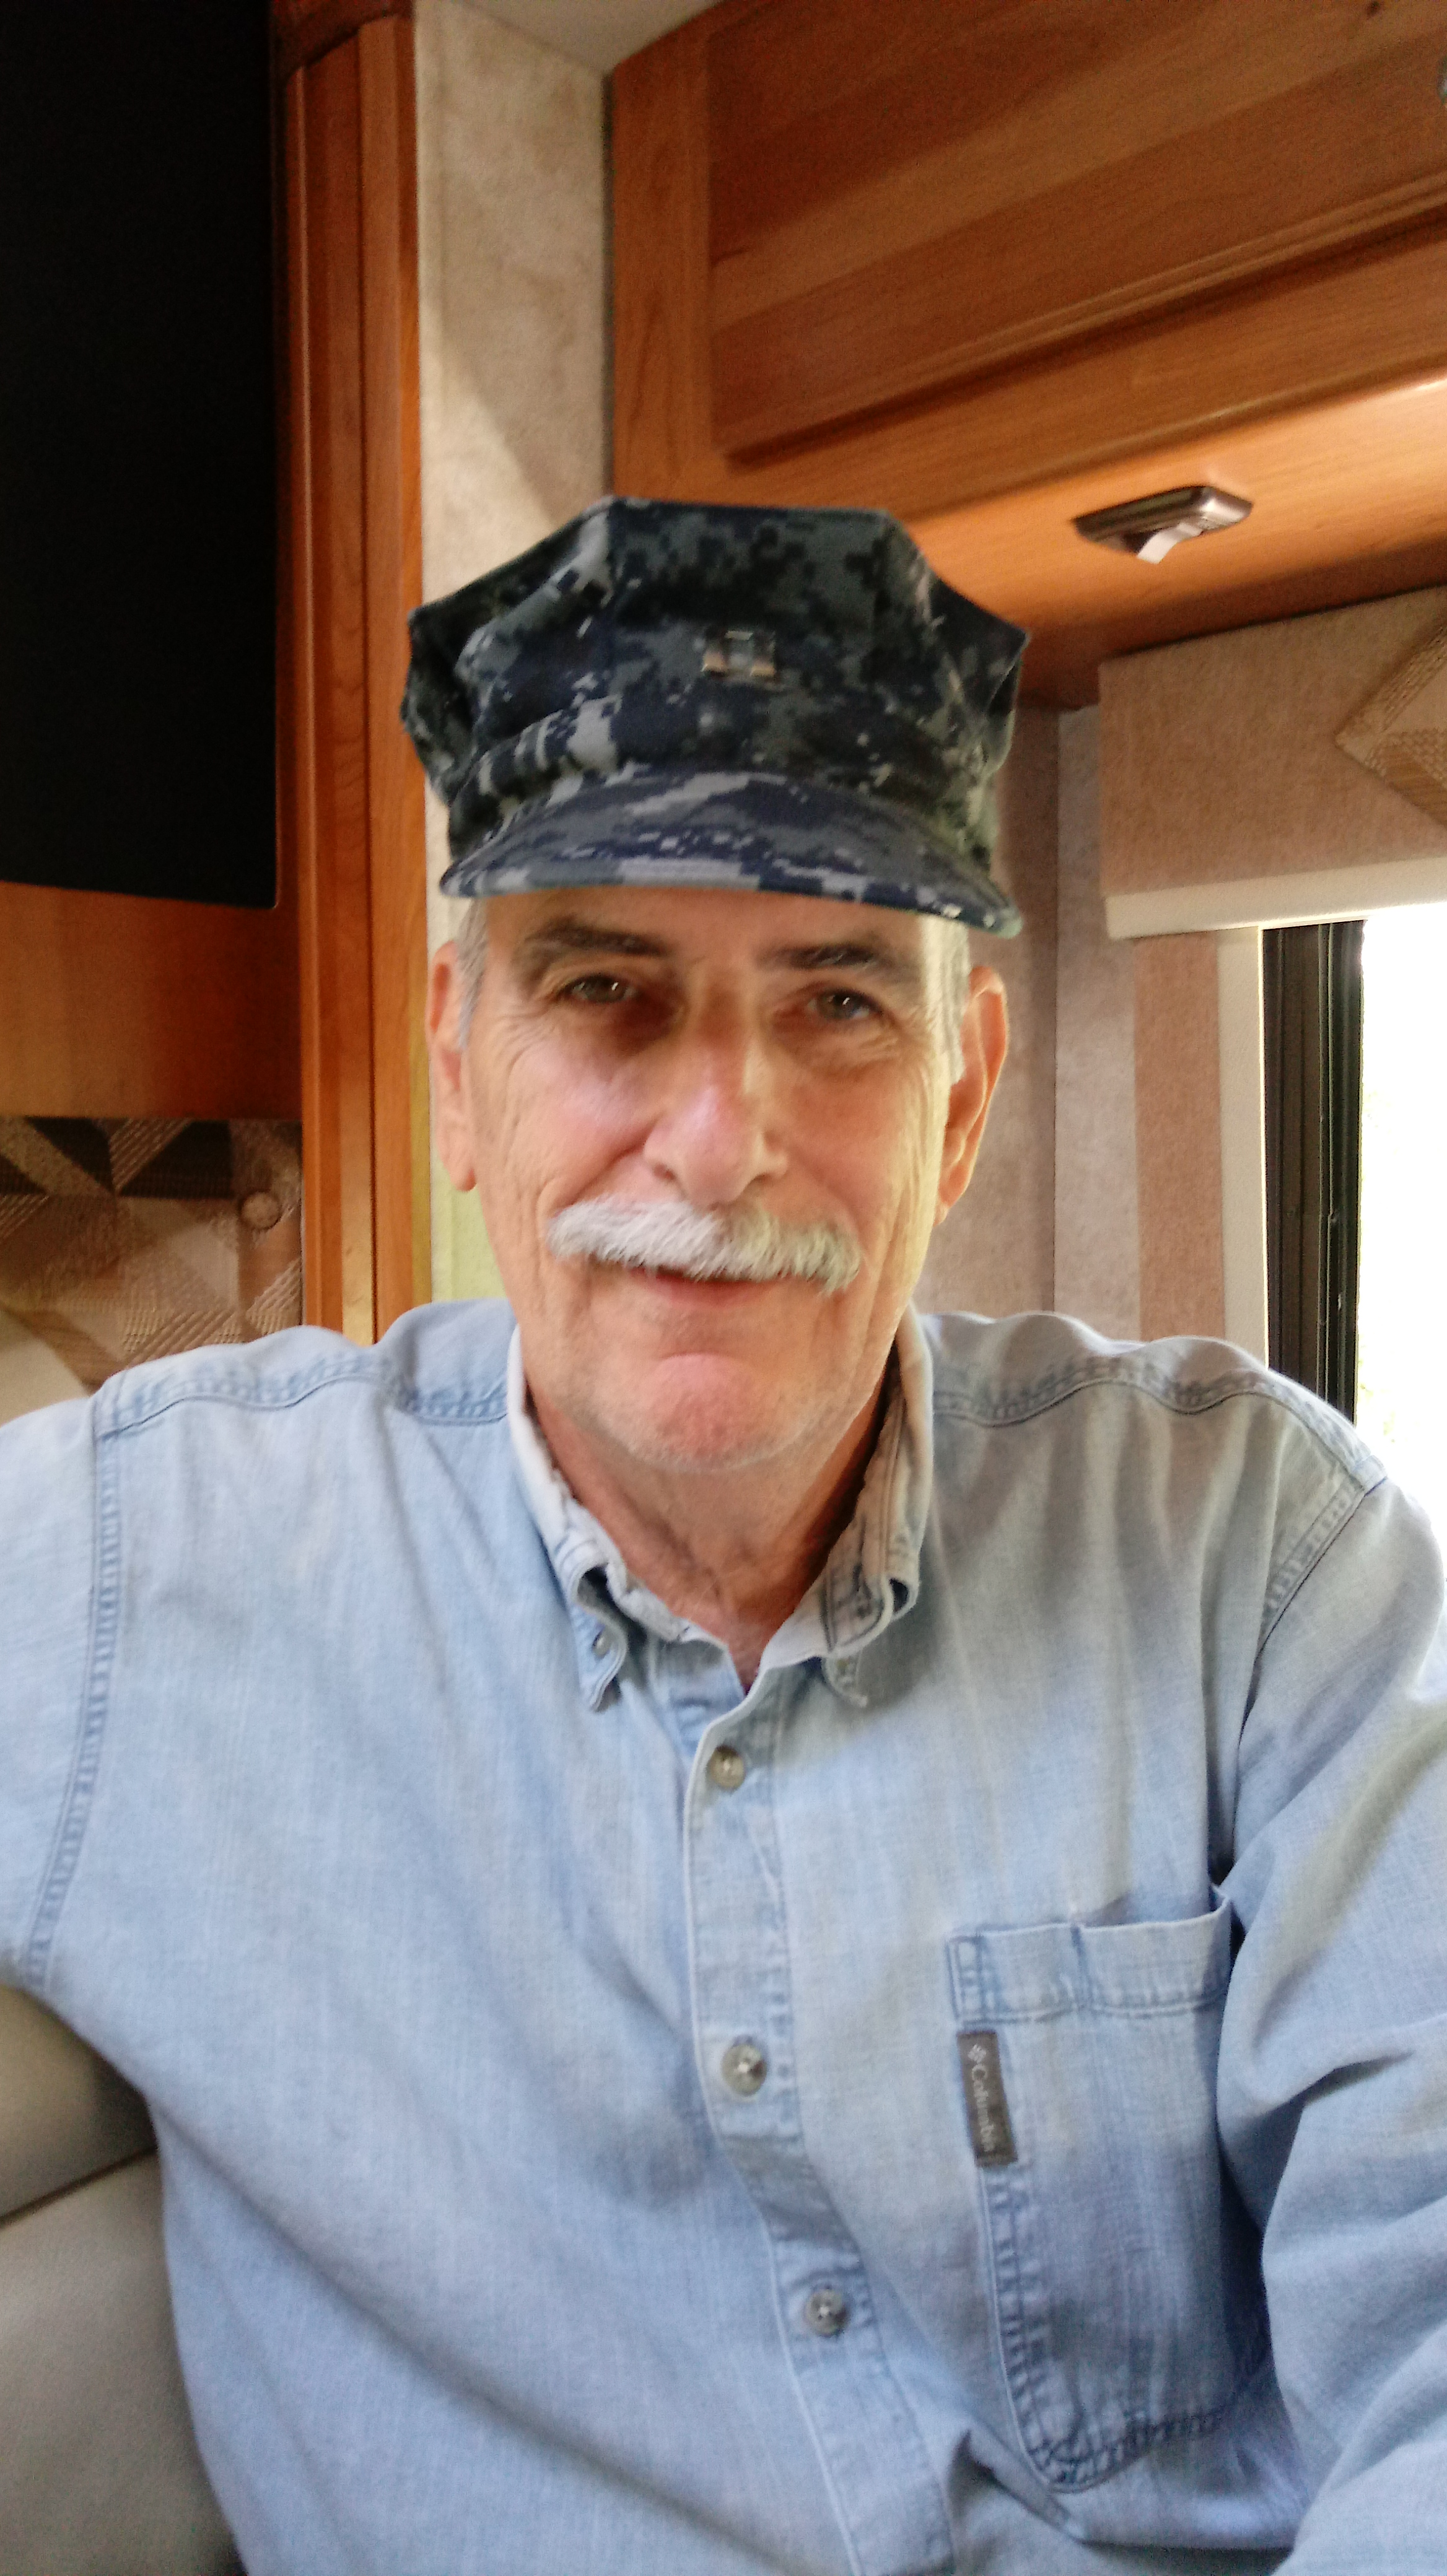 Meet the Author - LT William Craig Elliott, USN (Ret.)